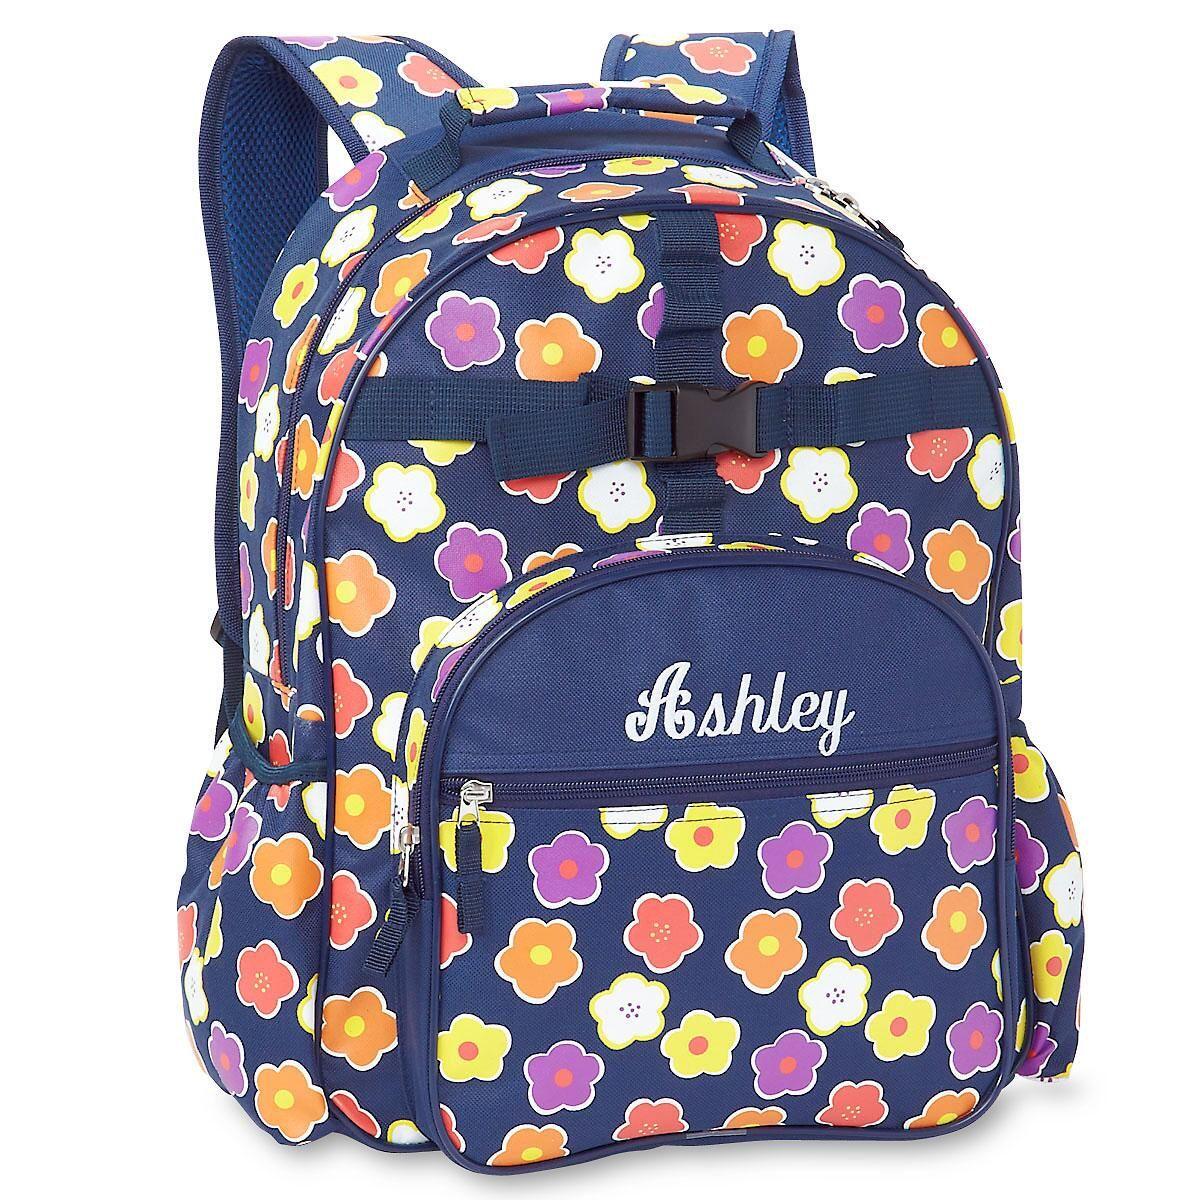 Personalized Kids Backpacks, Boys & Girls Backpacks | Lillian Vernon